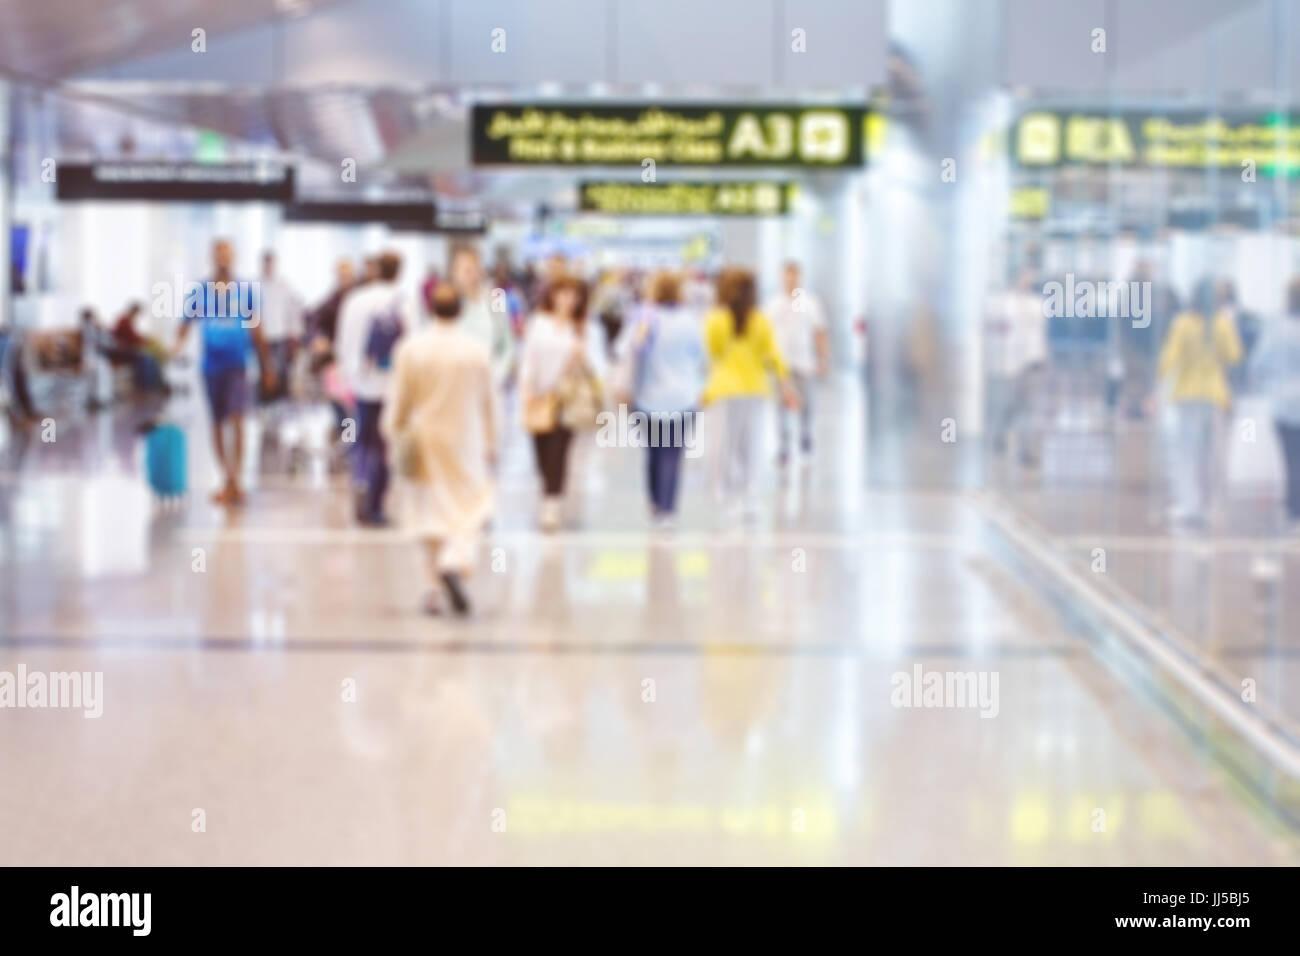 L'aéroport, l'arrière-plan flou people walking in modern terminal international de Doha Banque D'Images